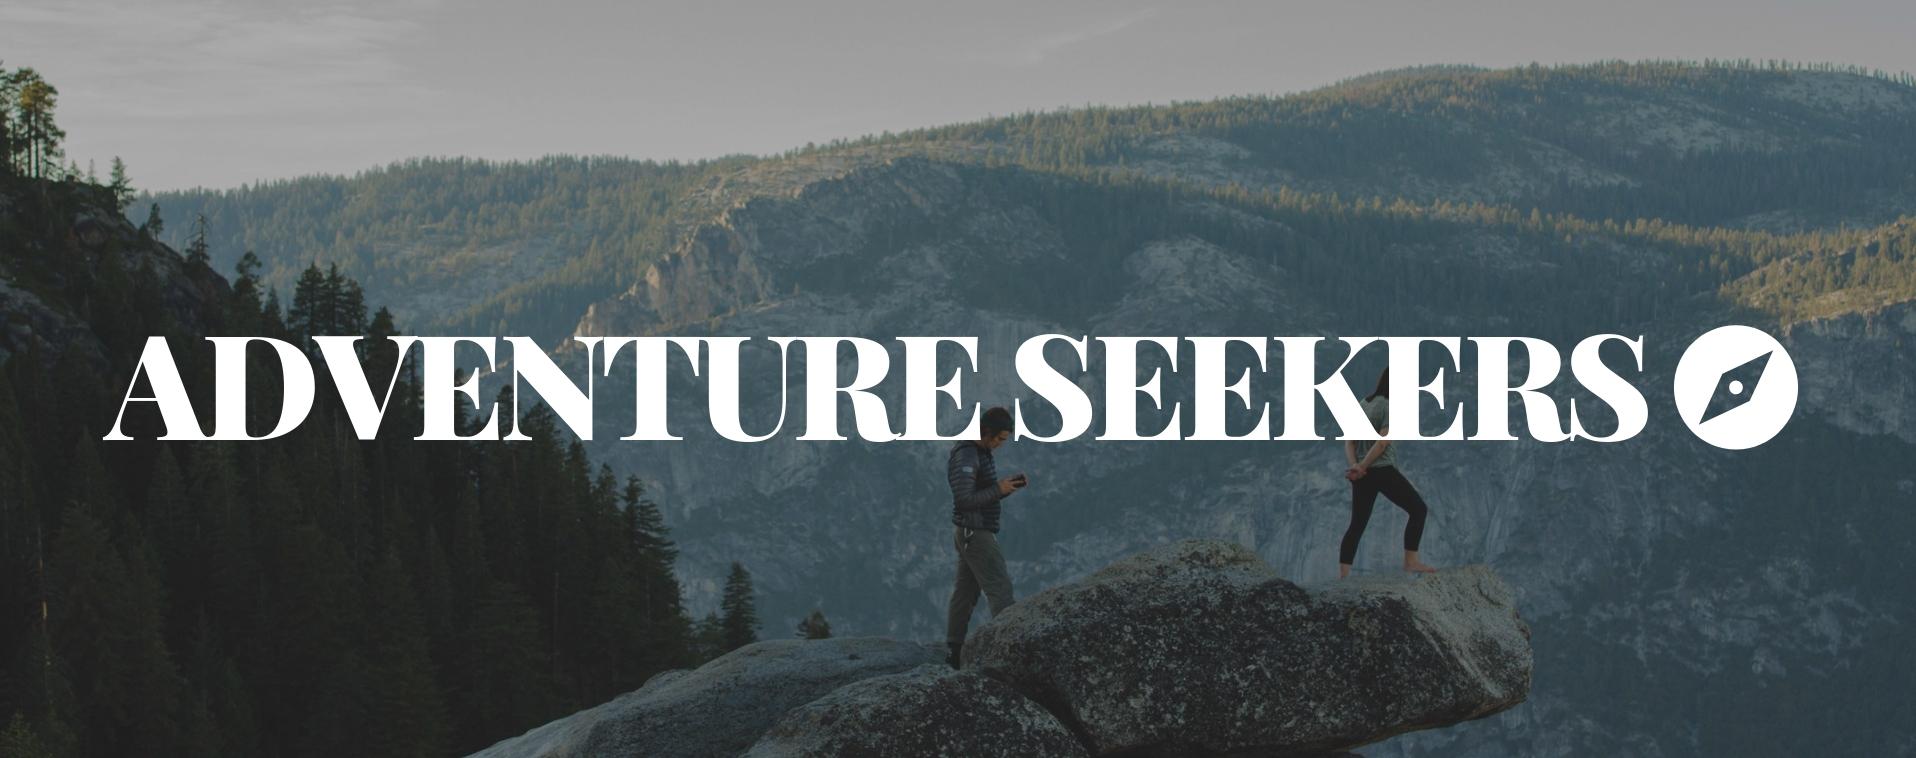 Adventure Seekers hero